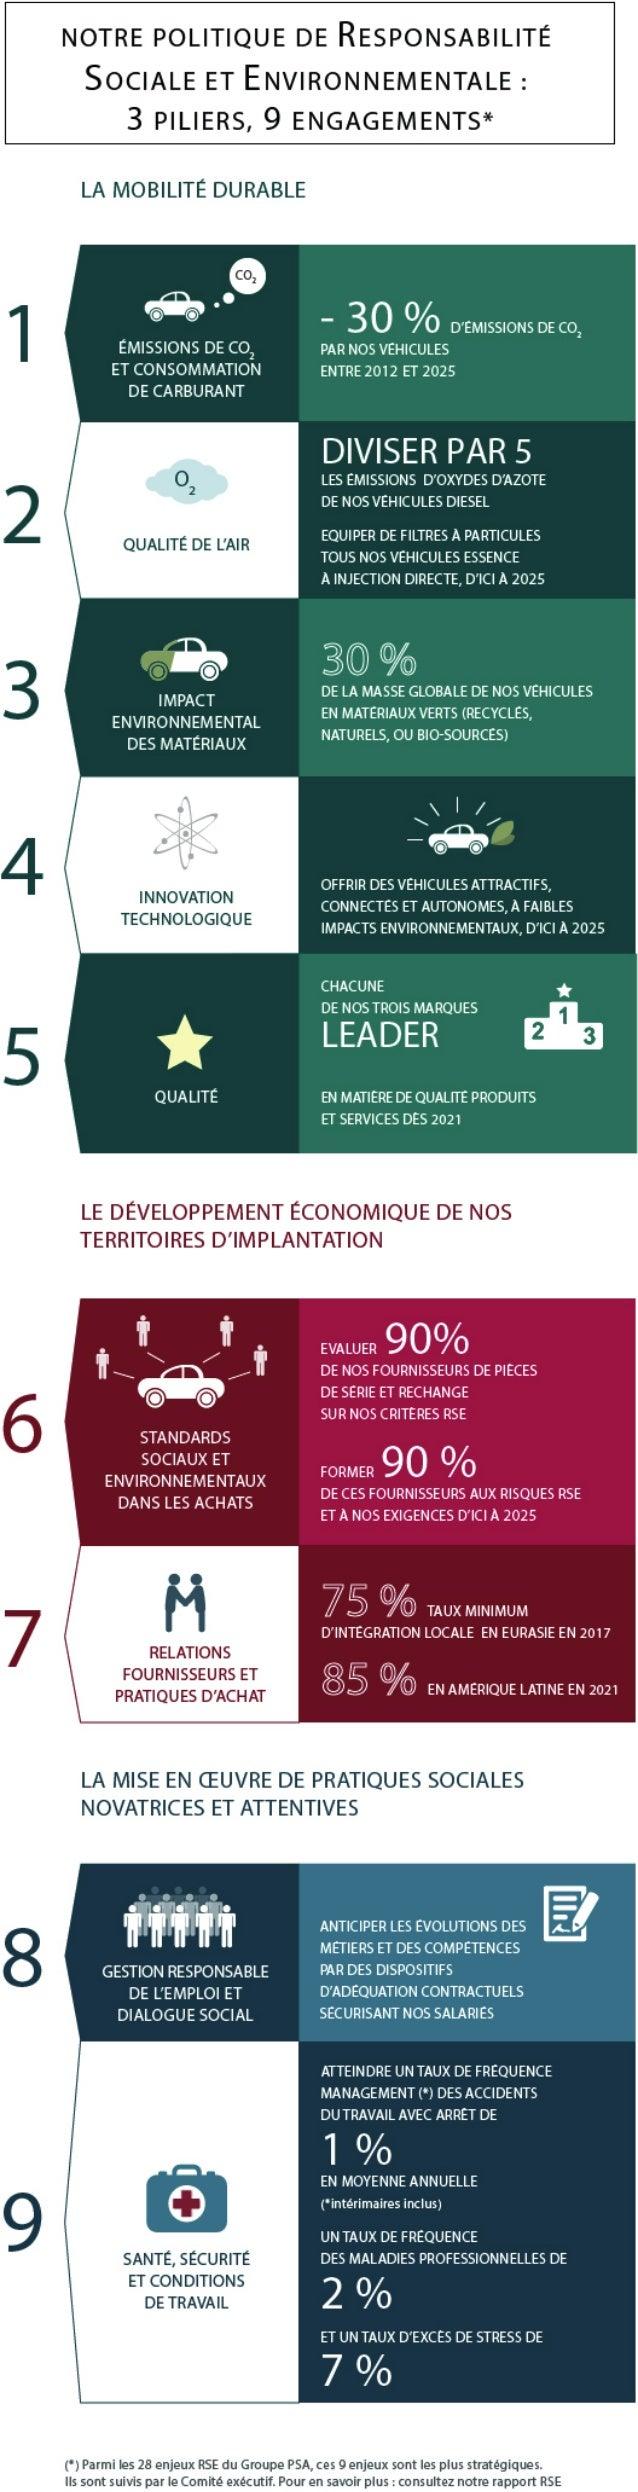 9 enjeux stratégiques pour un développement durable chez Groupe PSA